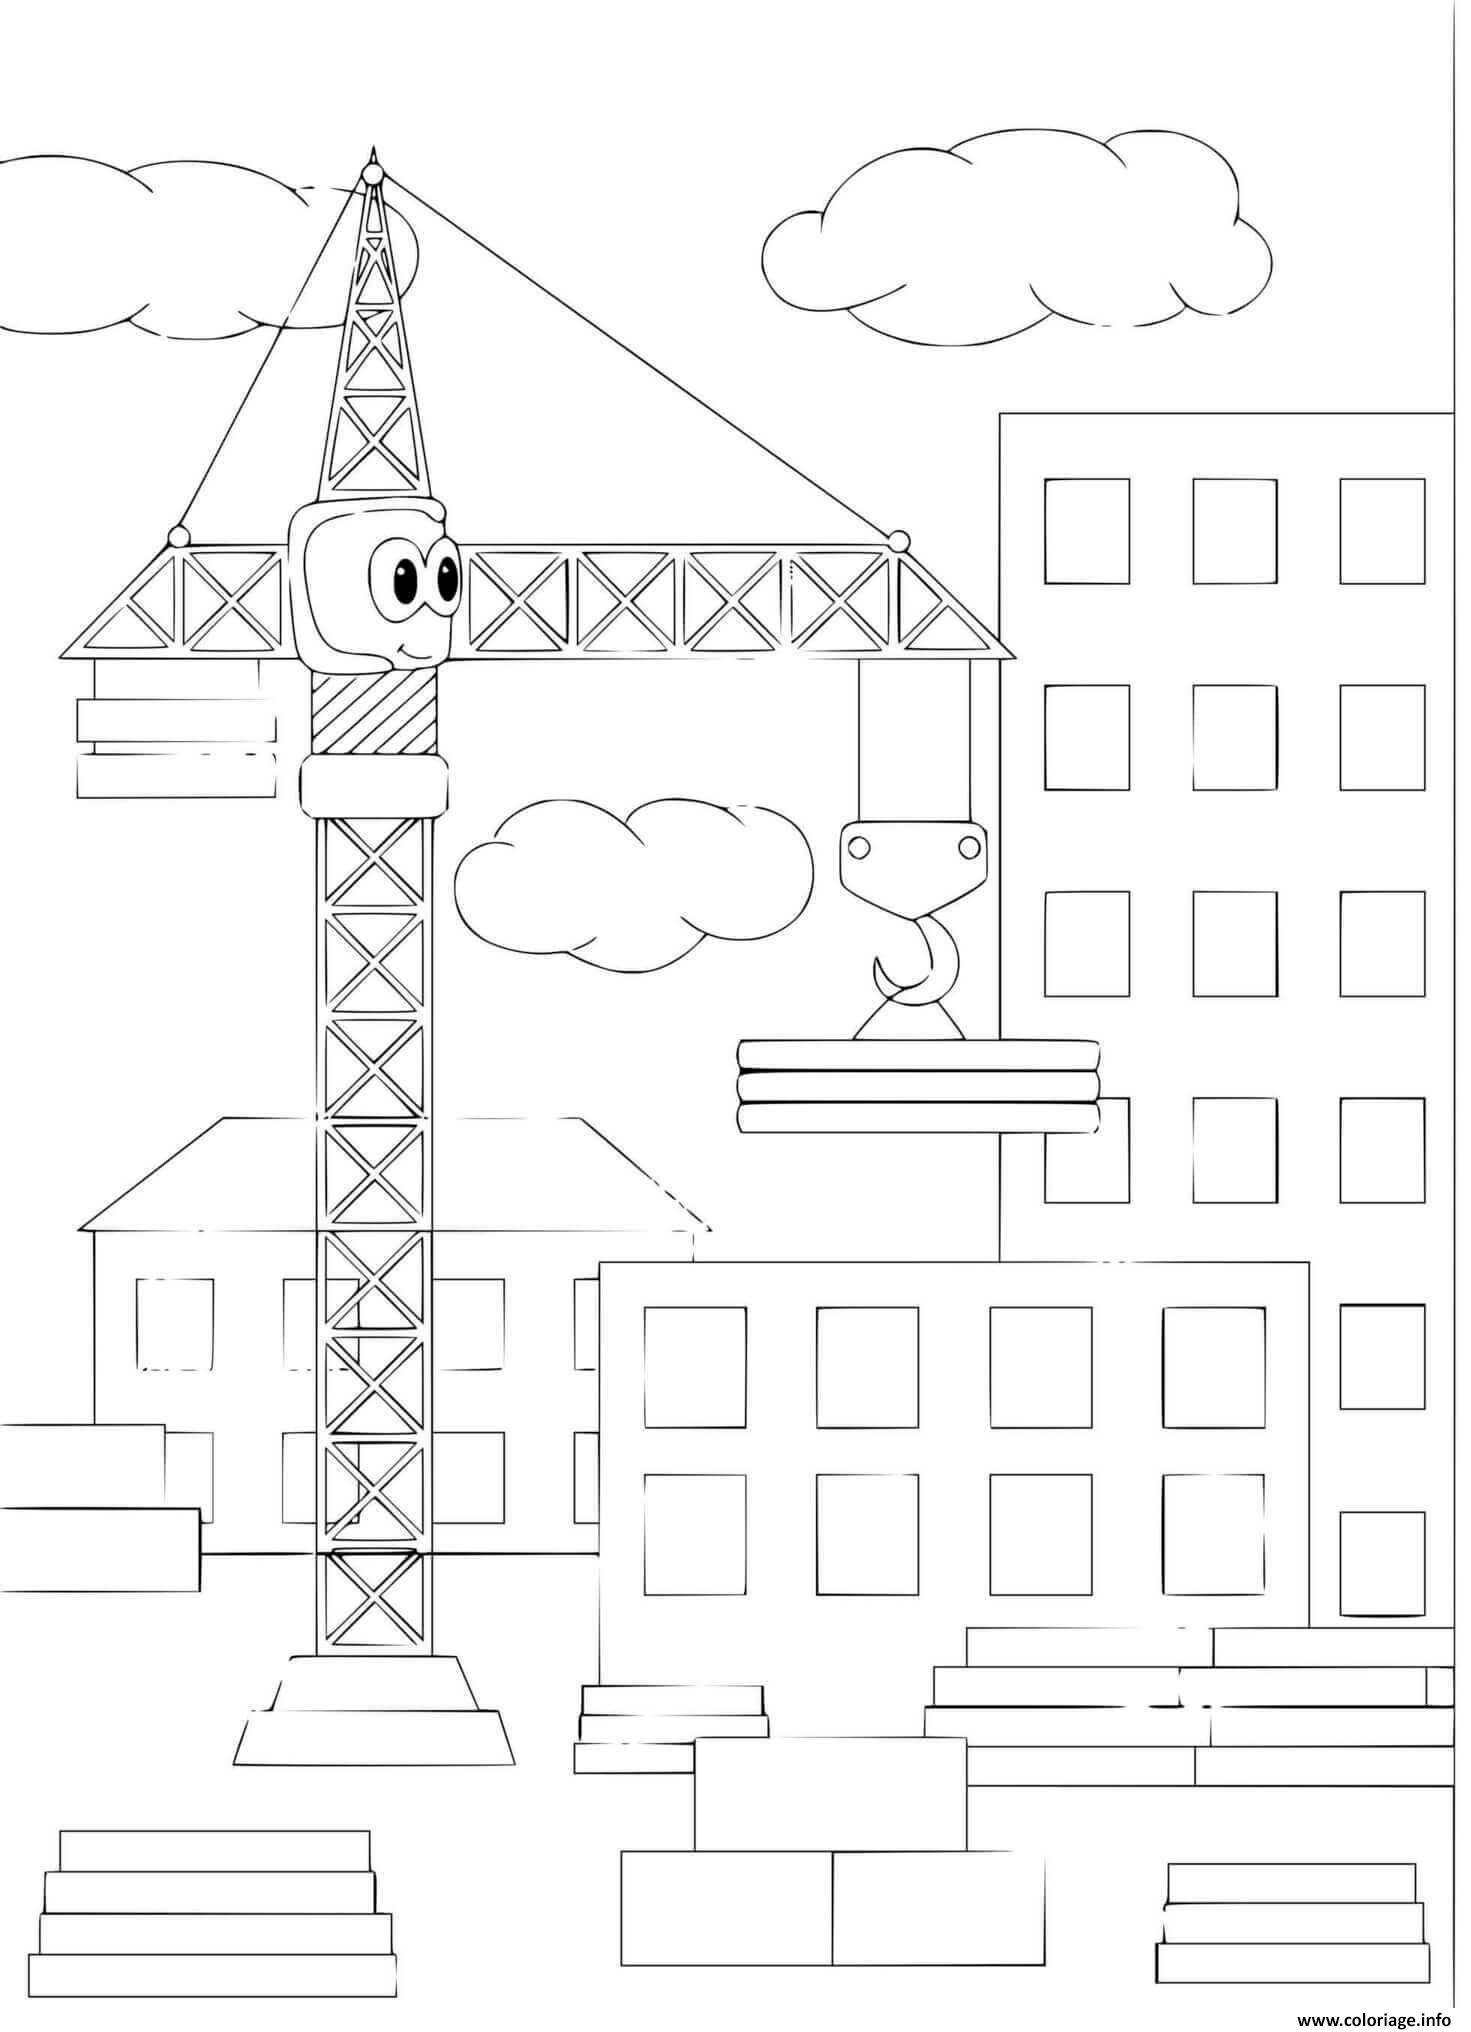 Dessin grue de chantier construction tour batiment maison Coloriage Gratuit à Imprimer